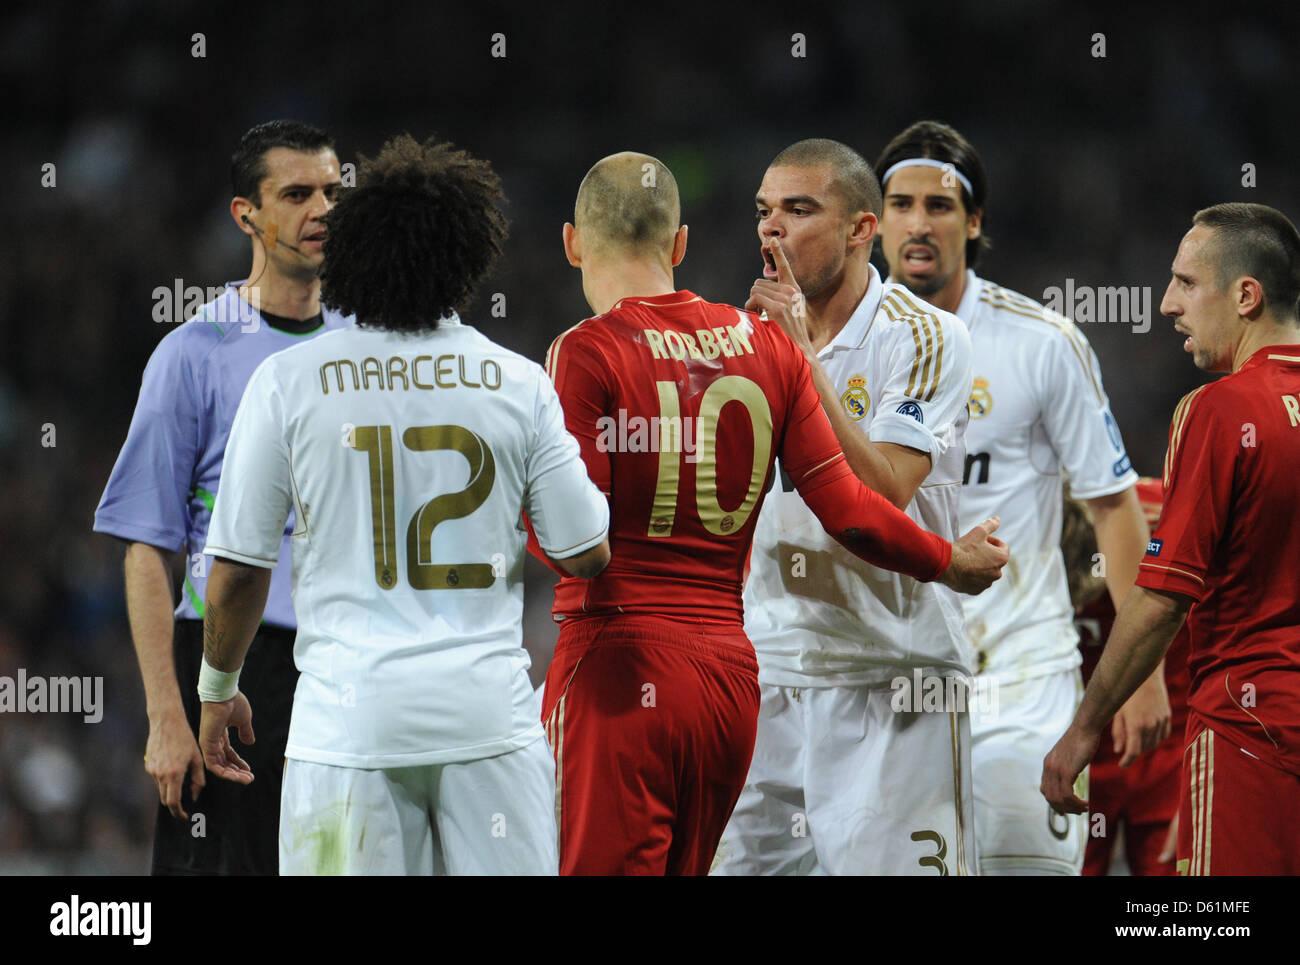 wholesale dealer d4c13 9e509 Munich's Arjen Robben (C) and Madrid's Marcelo (L, back view ...